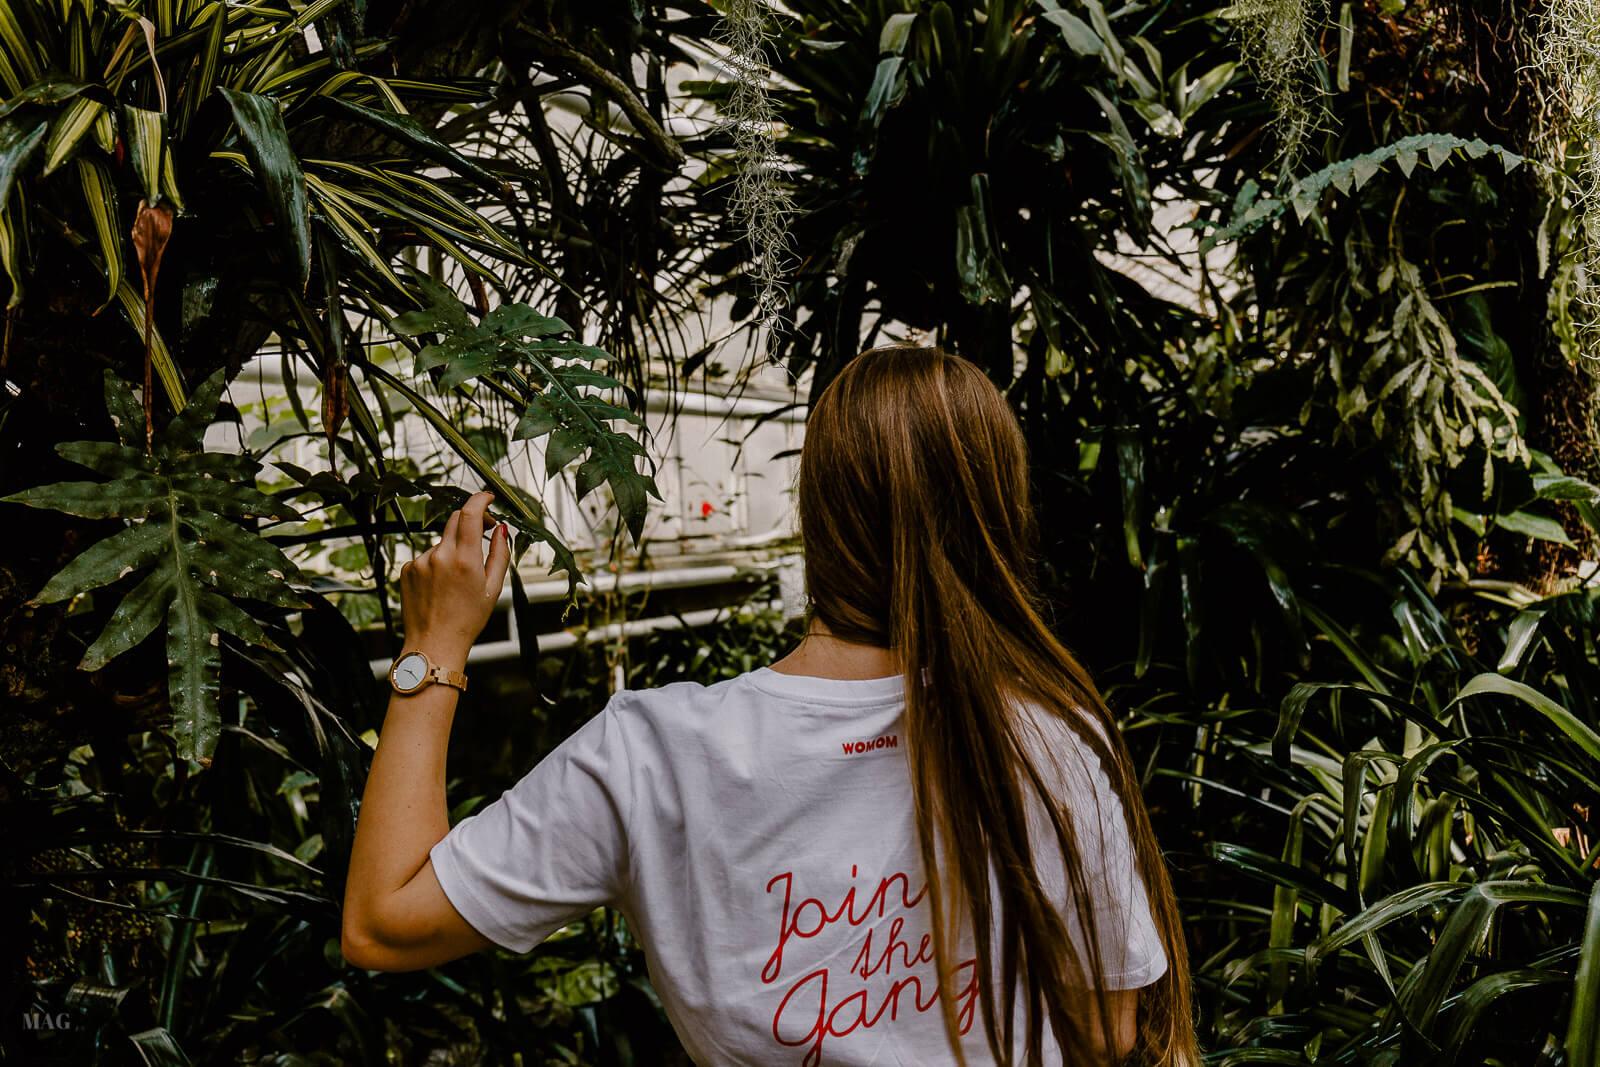 Mit Ecken und Kanten, Upcycling Produkte, Nachhaltige Produkte, Grüne Produkte, Nachhaltiger Produkte kaufen, Mit Ecken und Kanten Onlineshop, Onlineshop für unperfekte Produkte, unperfekte Produkte kaufen, zweite Chance Produkte, grüne Produkte, Green interior, Fair Fashion